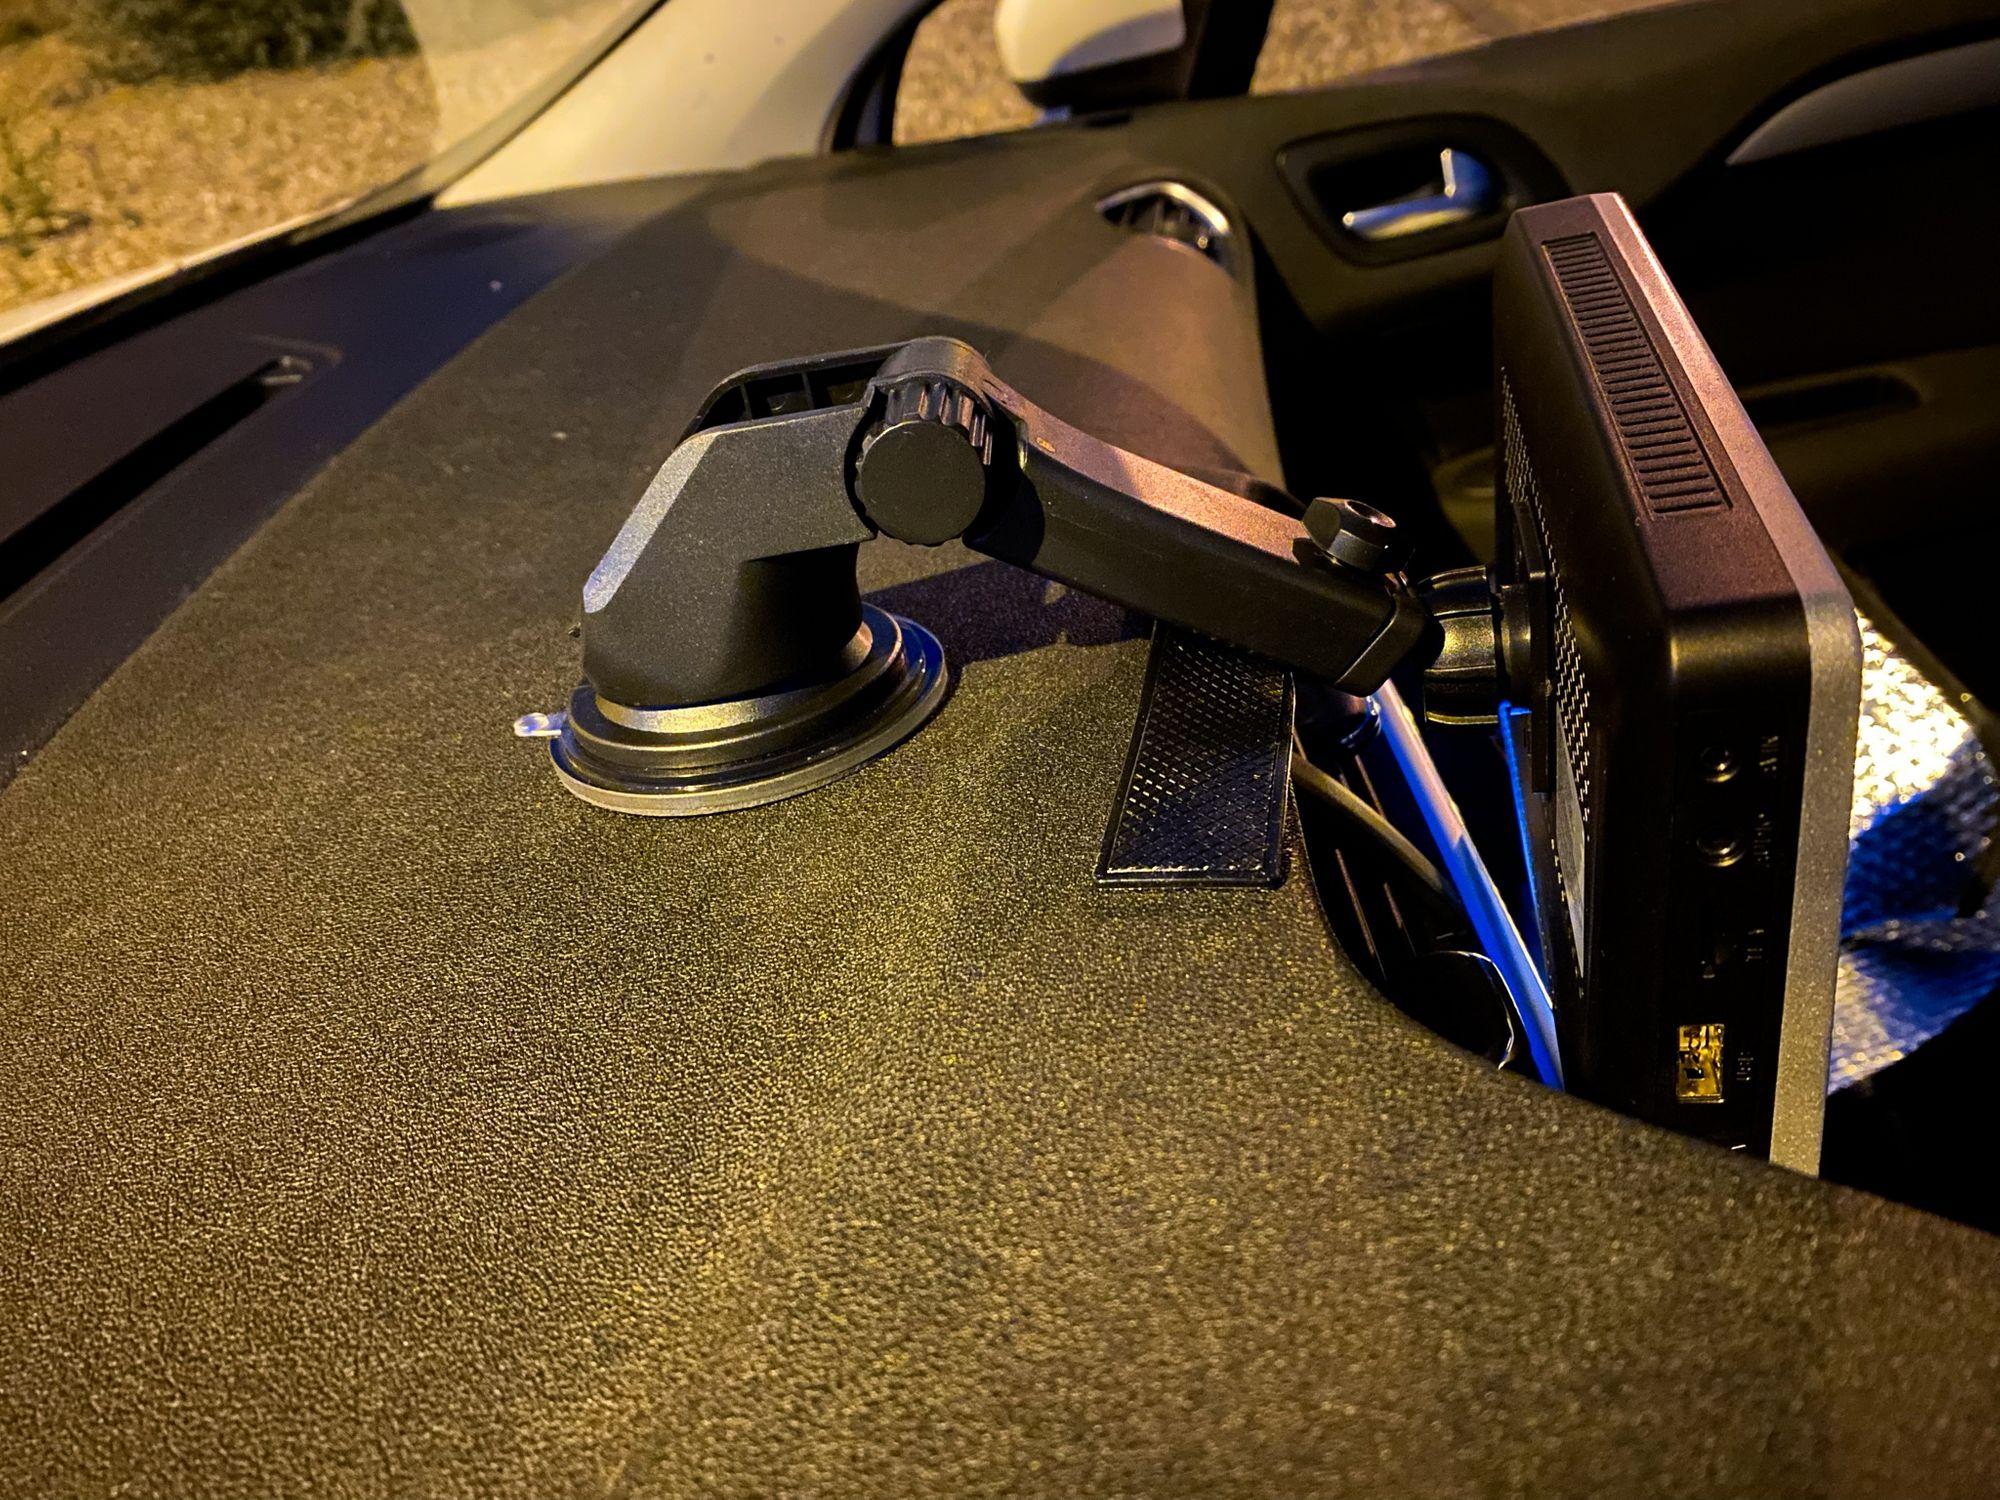 Braço de suporte do Coral Vision CarPlay